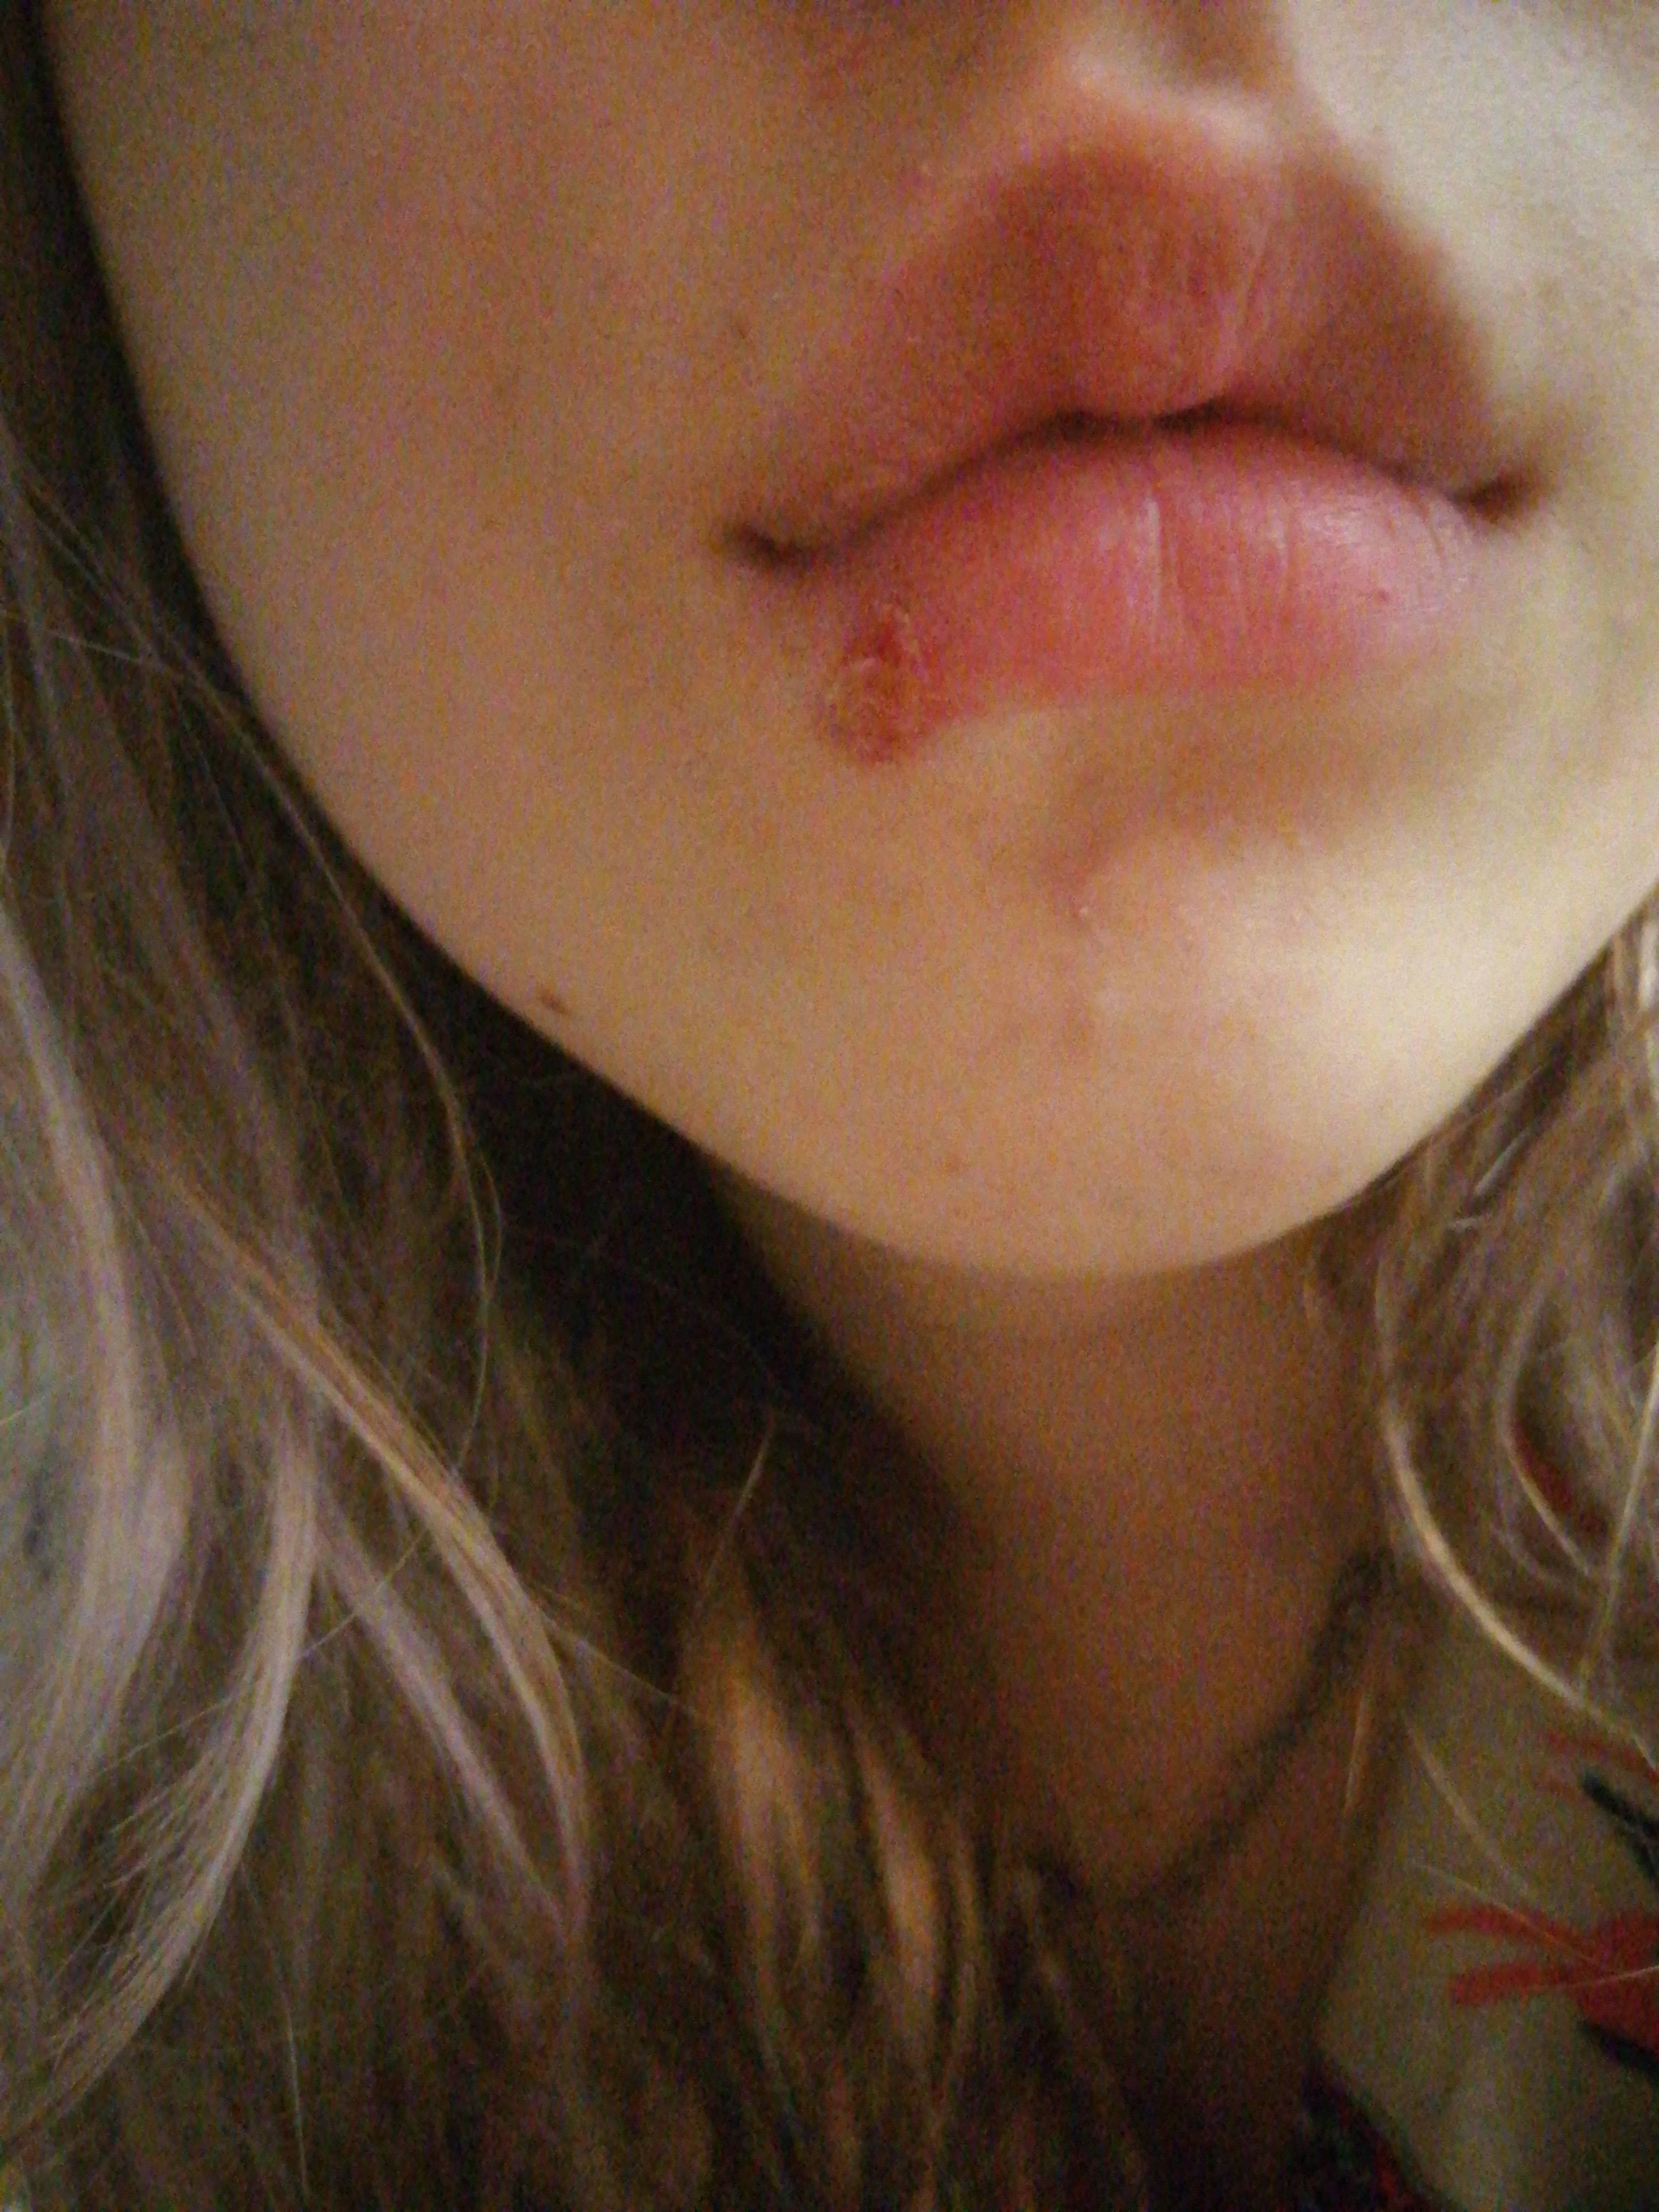 Герпес на губах не проходит слишком долго — найдите и устраните причину